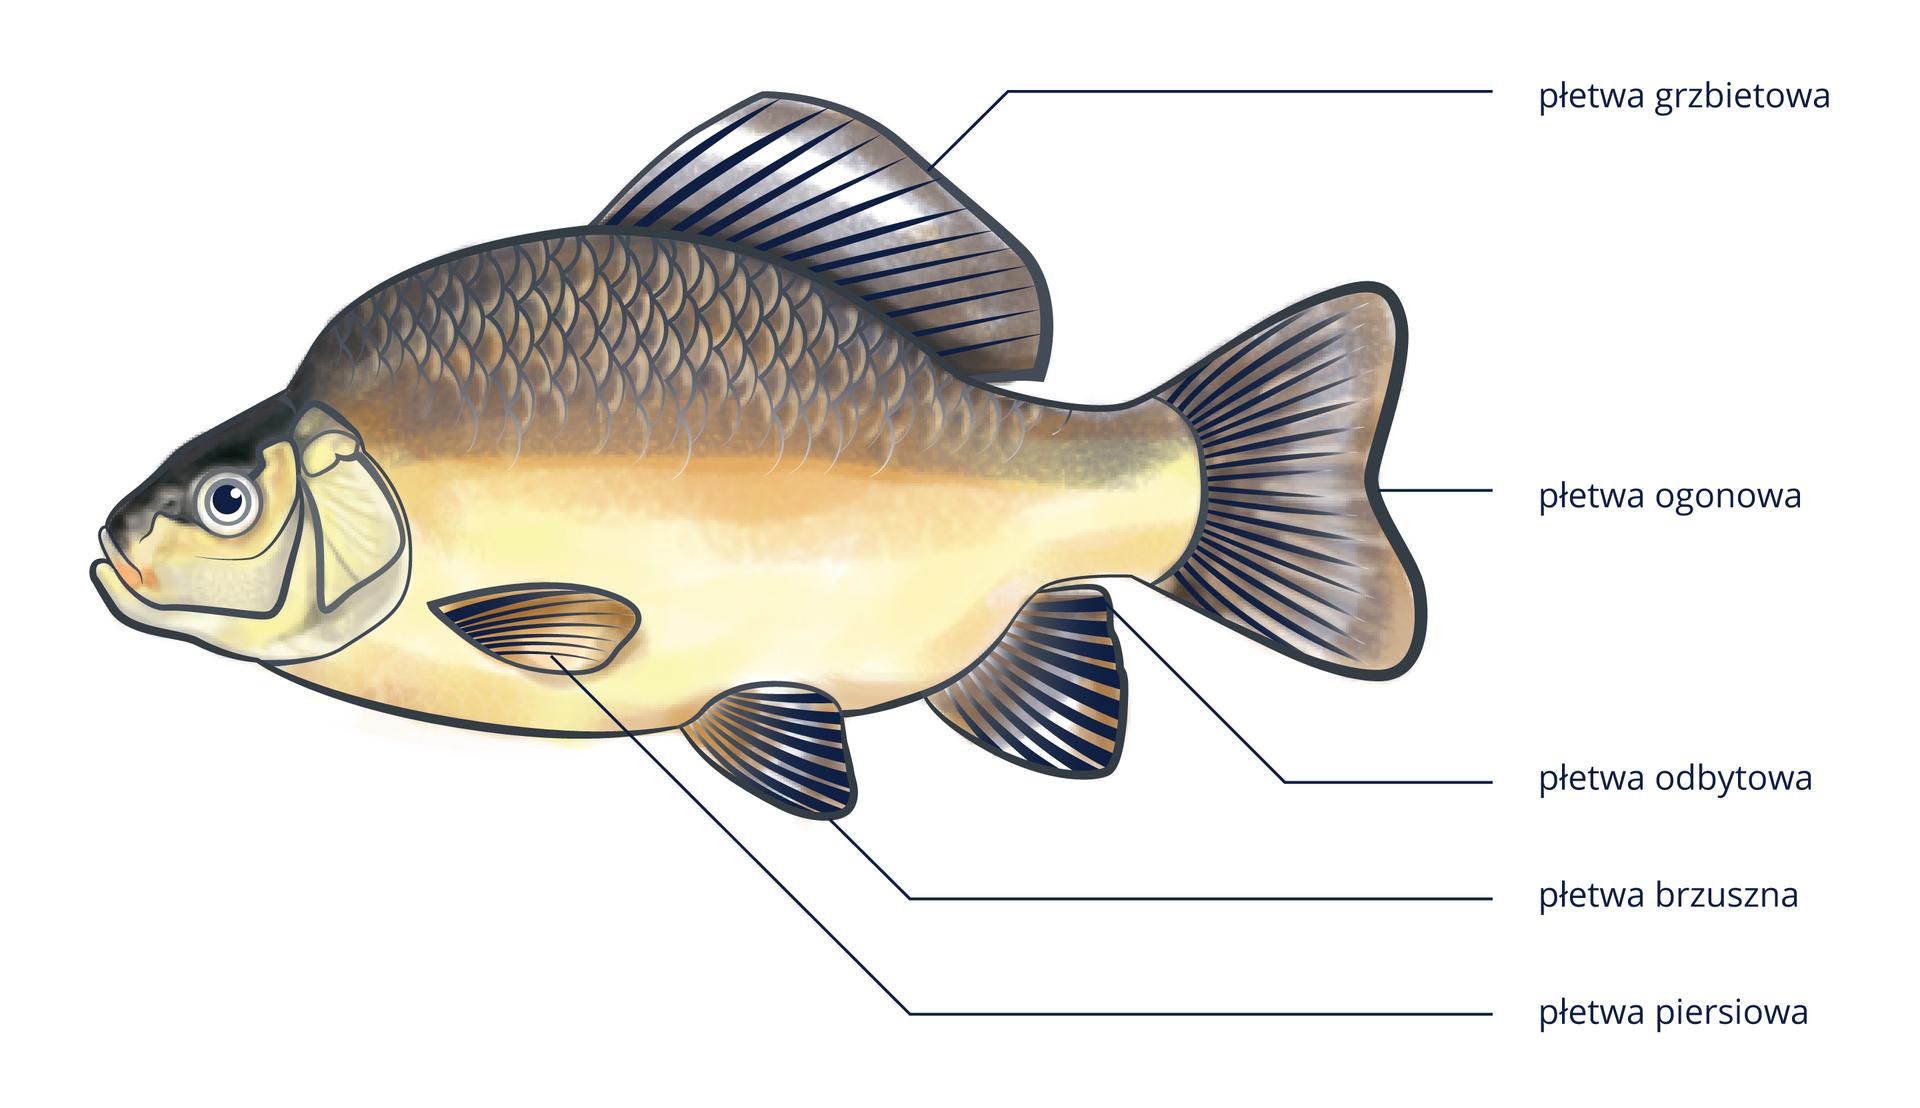 Ilustracja przedstawia rybę widoczą zlewej strony. Głowa ryby jest skierowana wlewo. Za głową ryby widać płetwy piersiowe. Za nimi na spodzie ciała ryby są płetwy brzuszne. Za nimi na spodniej stronie jest płetwa odbytowa. Na grzbiecie znajduje się płetwa grzbietowa. Na końcu ciała jest płetwa ogonowa.